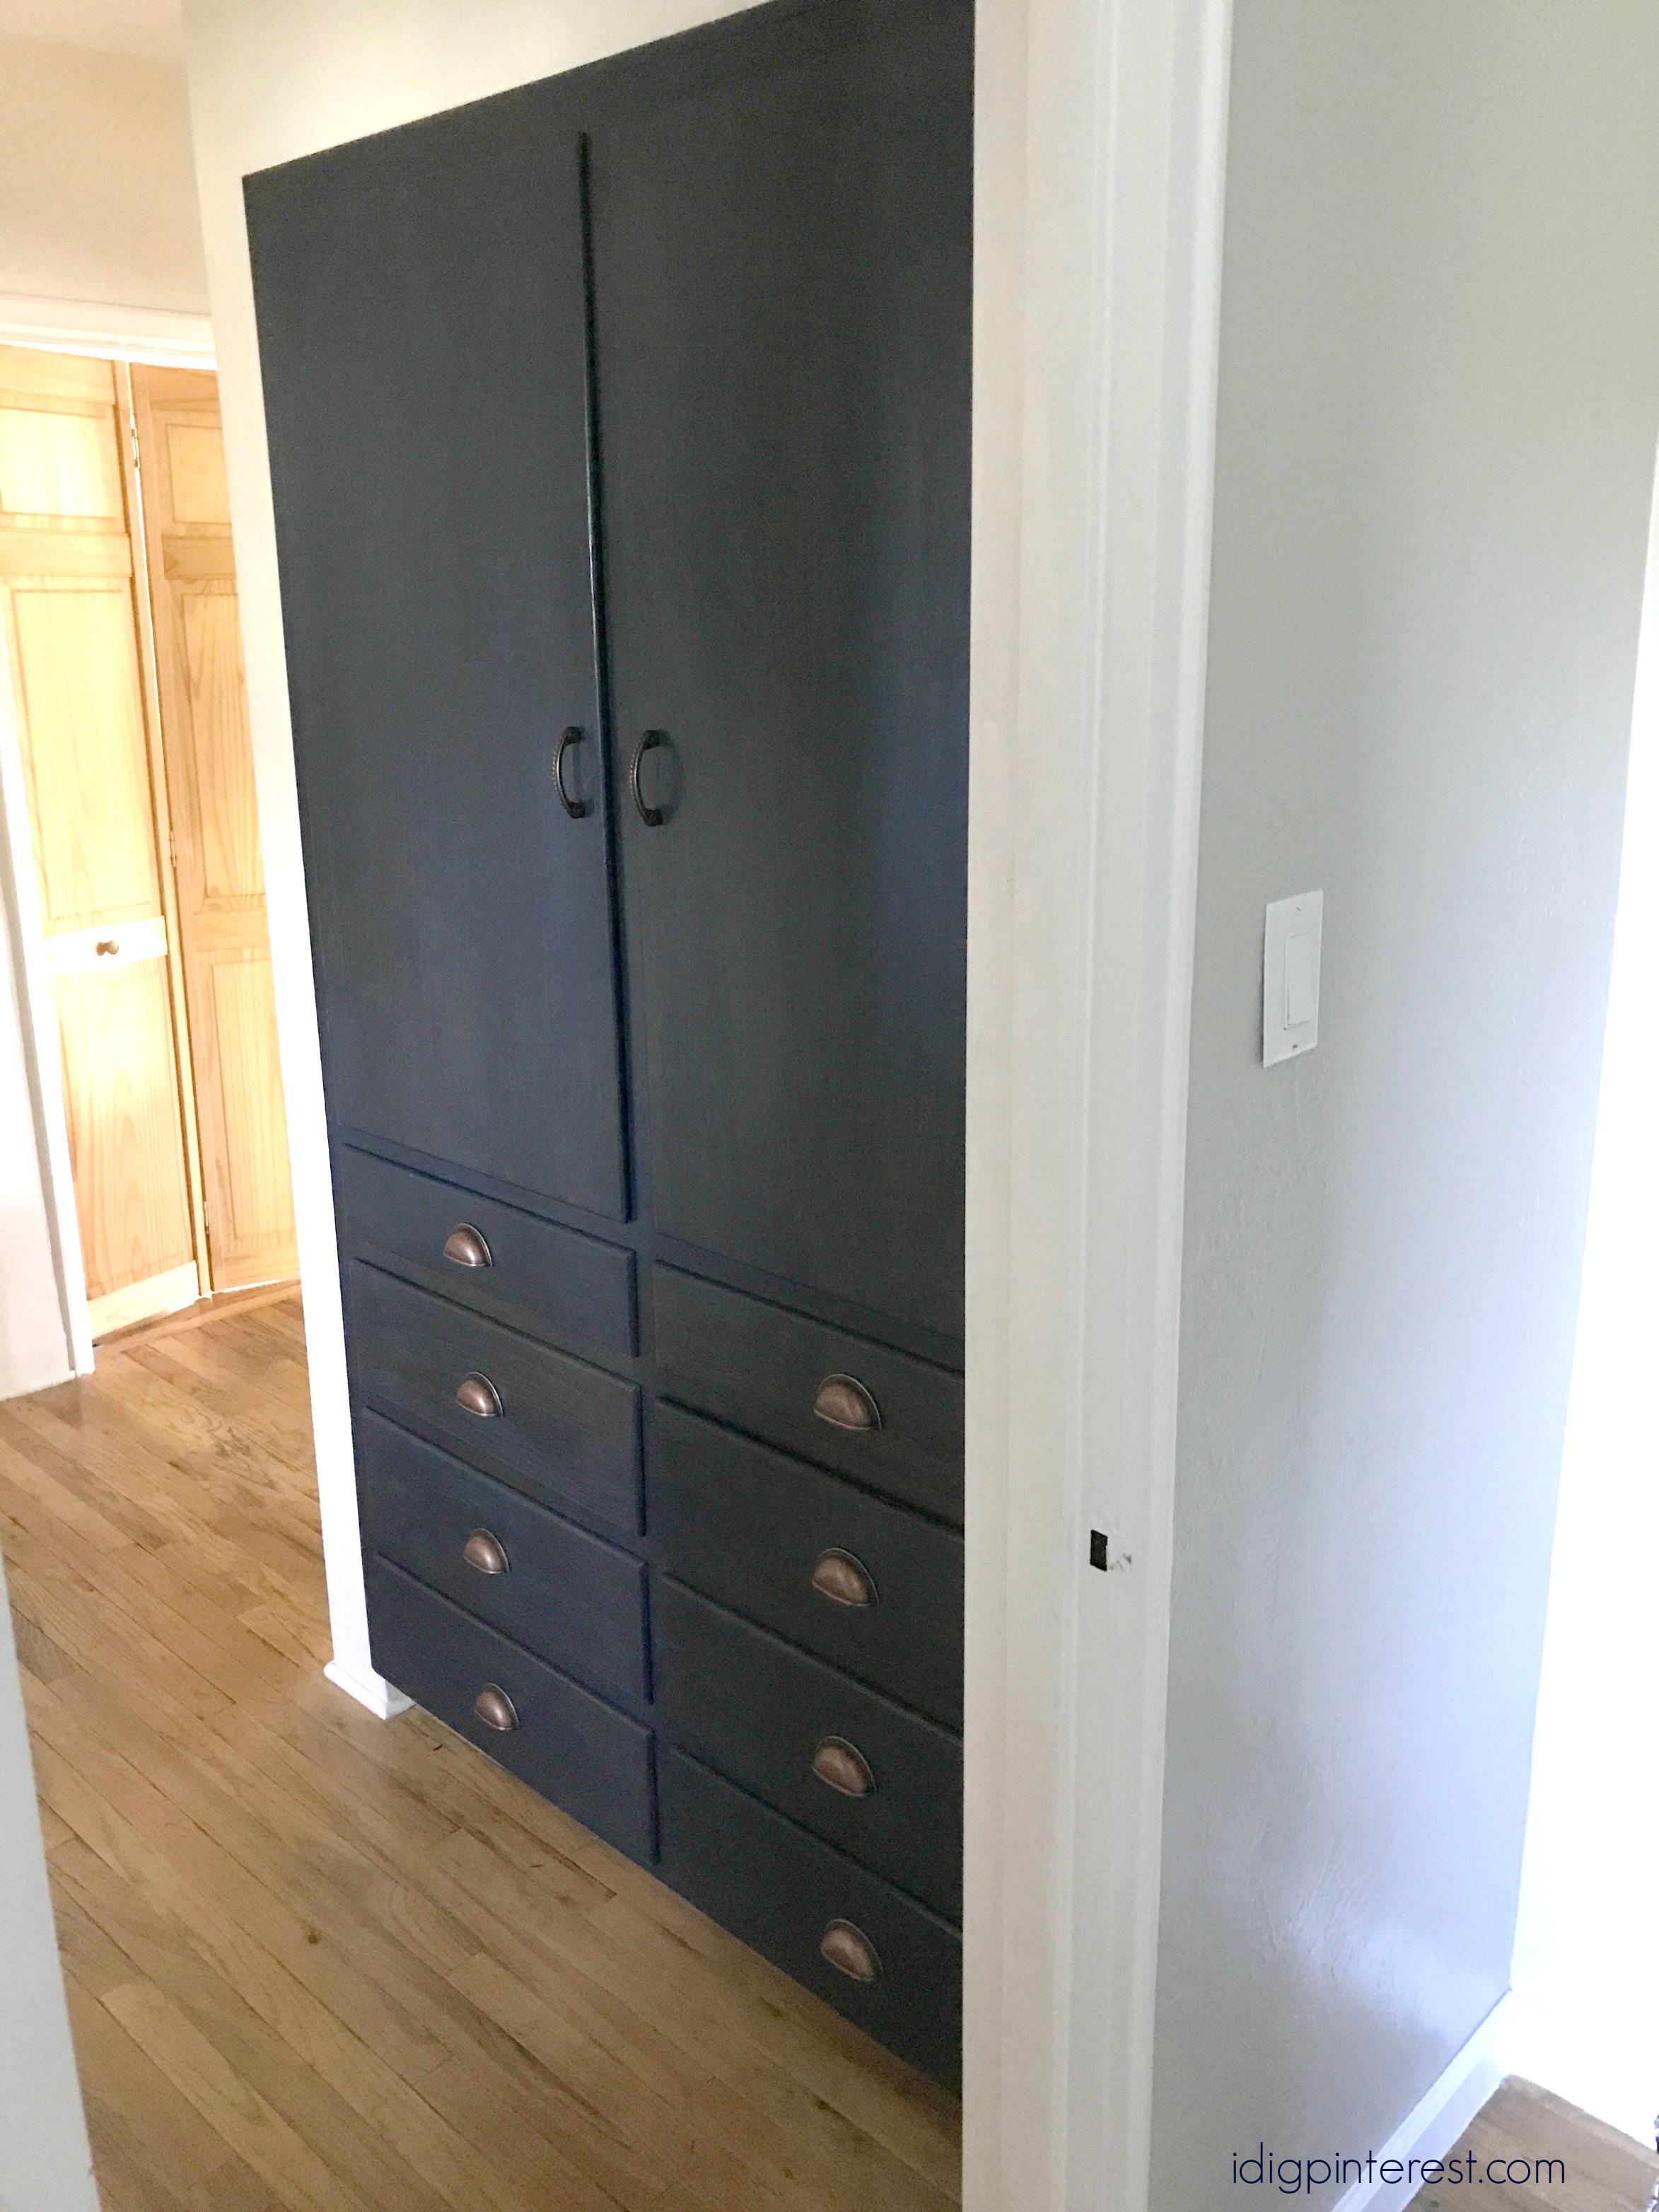 Built In Linen Cabinets Update I Dig Pinterest